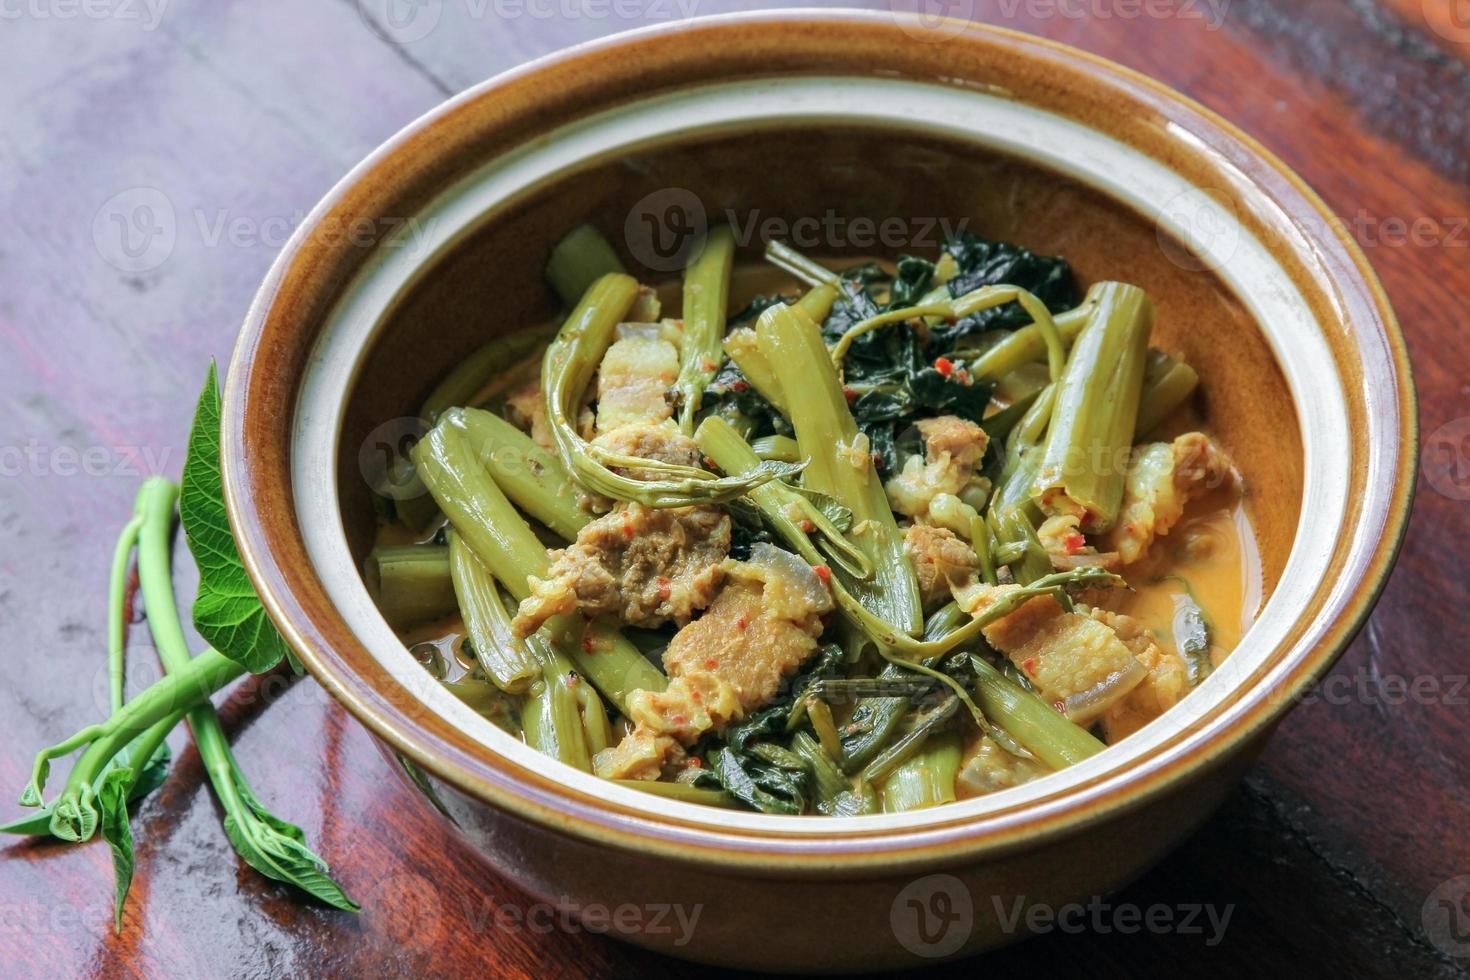 strimmig fläskkarri med vattenspinat (tae-pho soppa), thailändsk curry, mat. foto